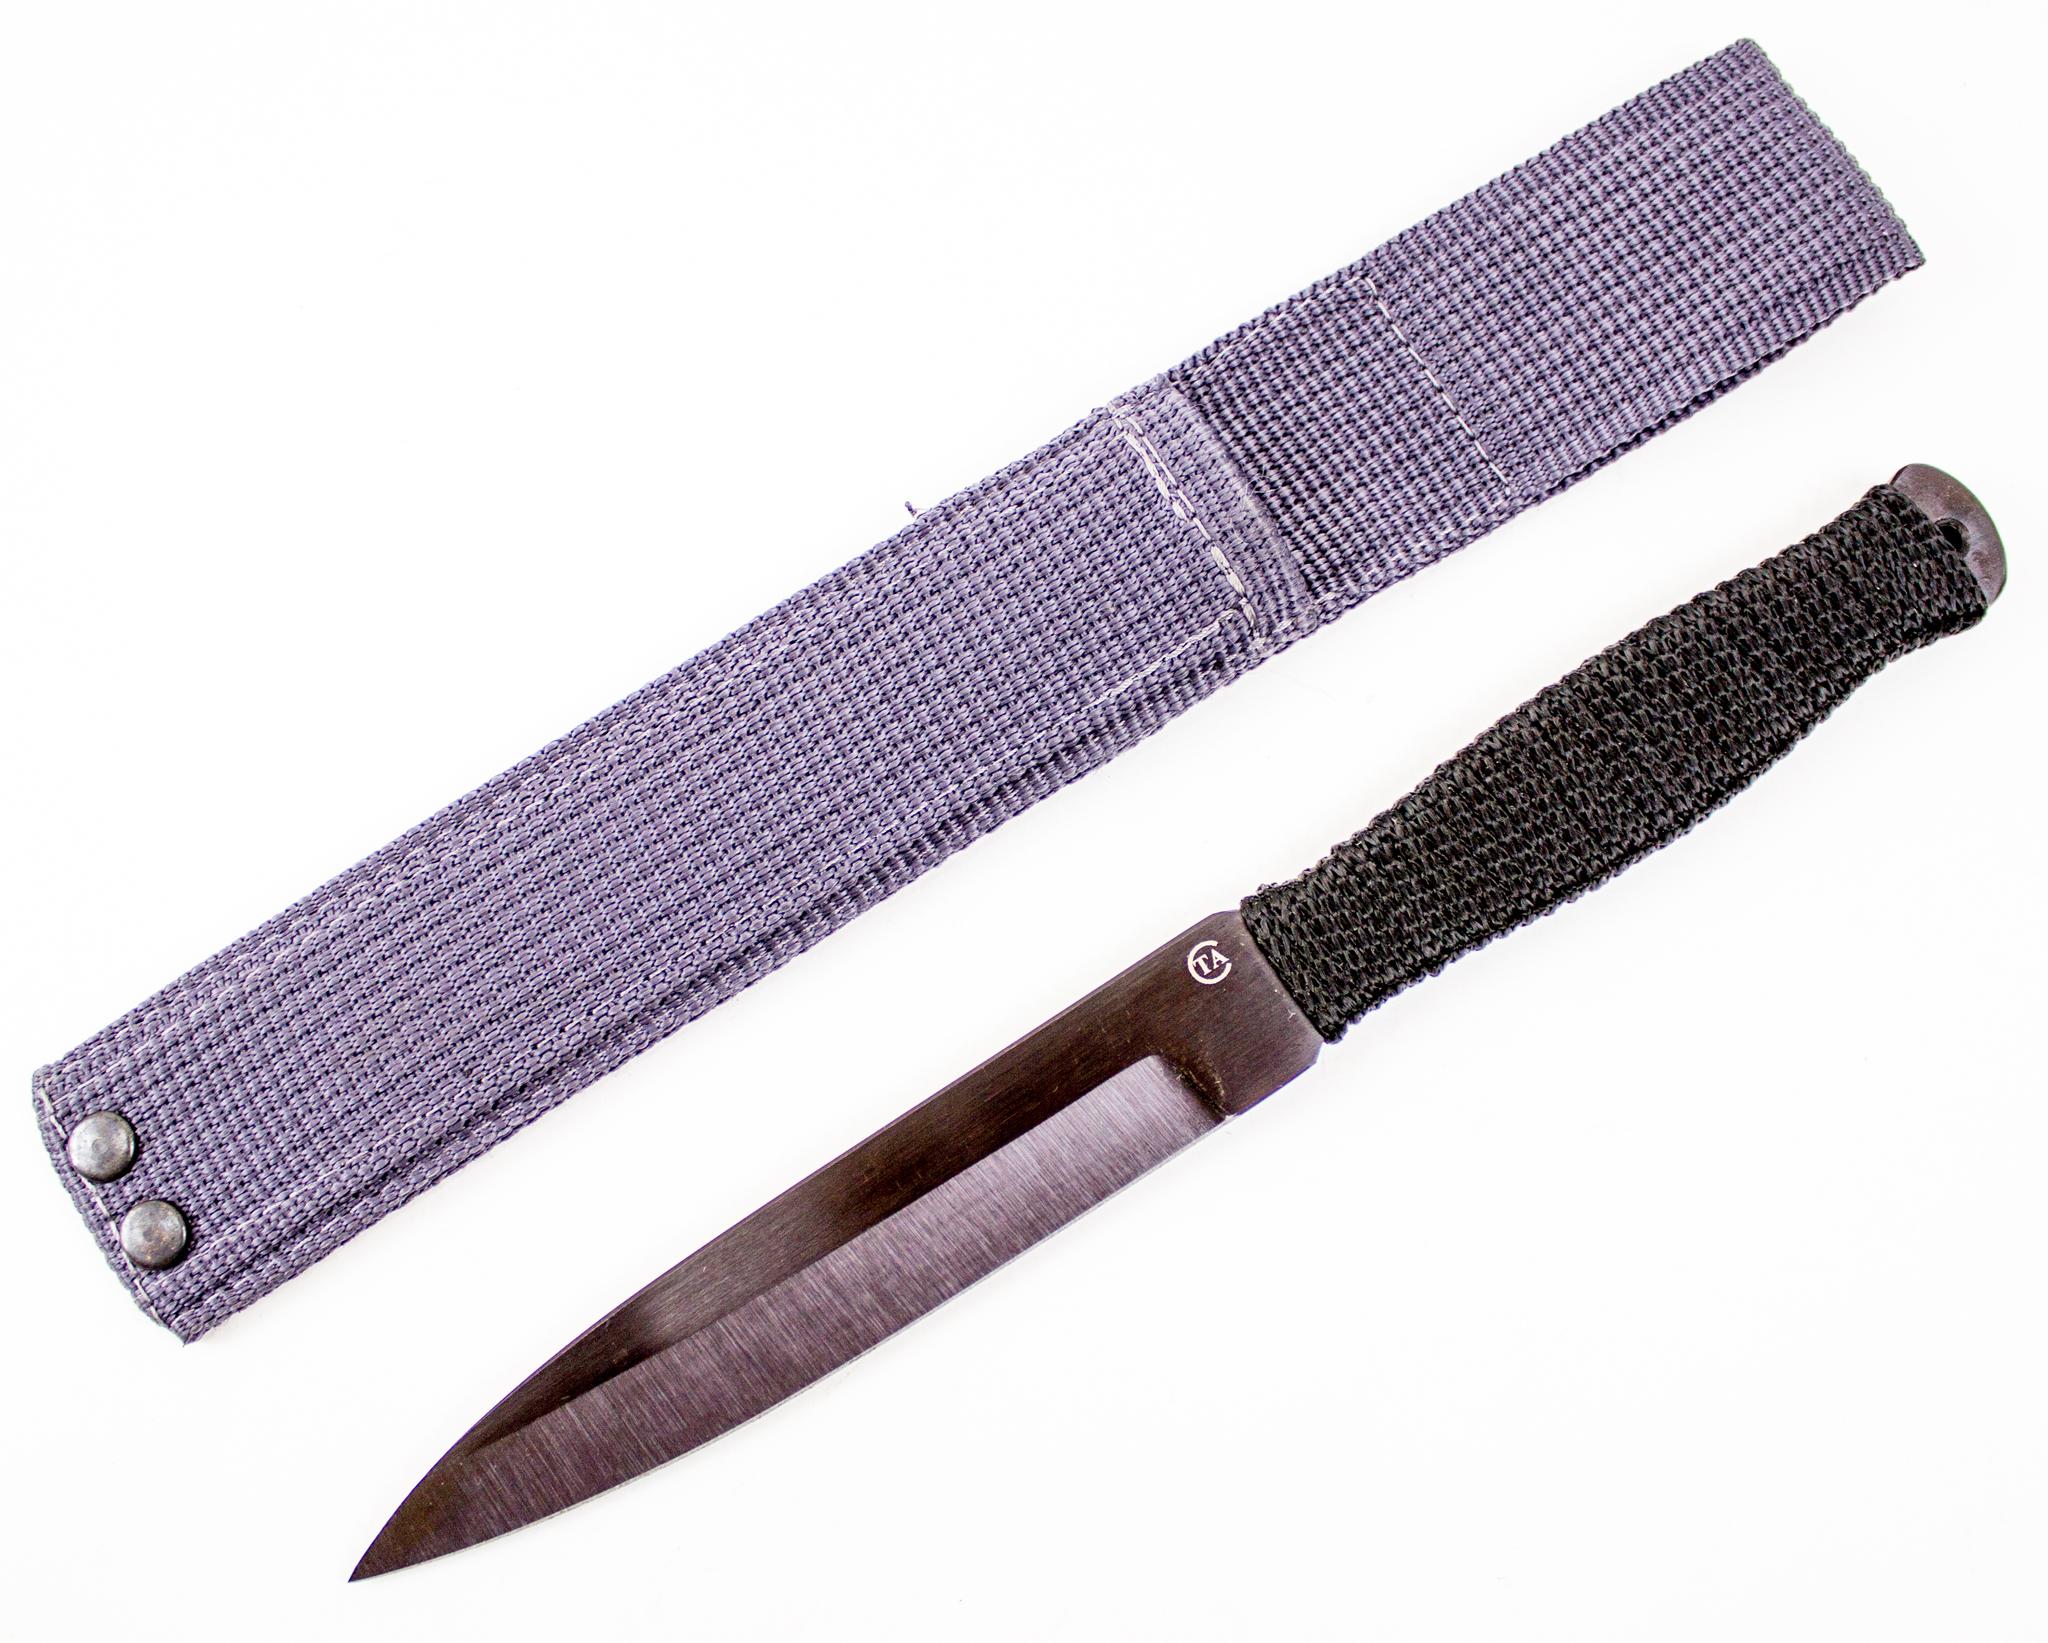 Метательный нож «Горец-3М» от Титов и Солдатова